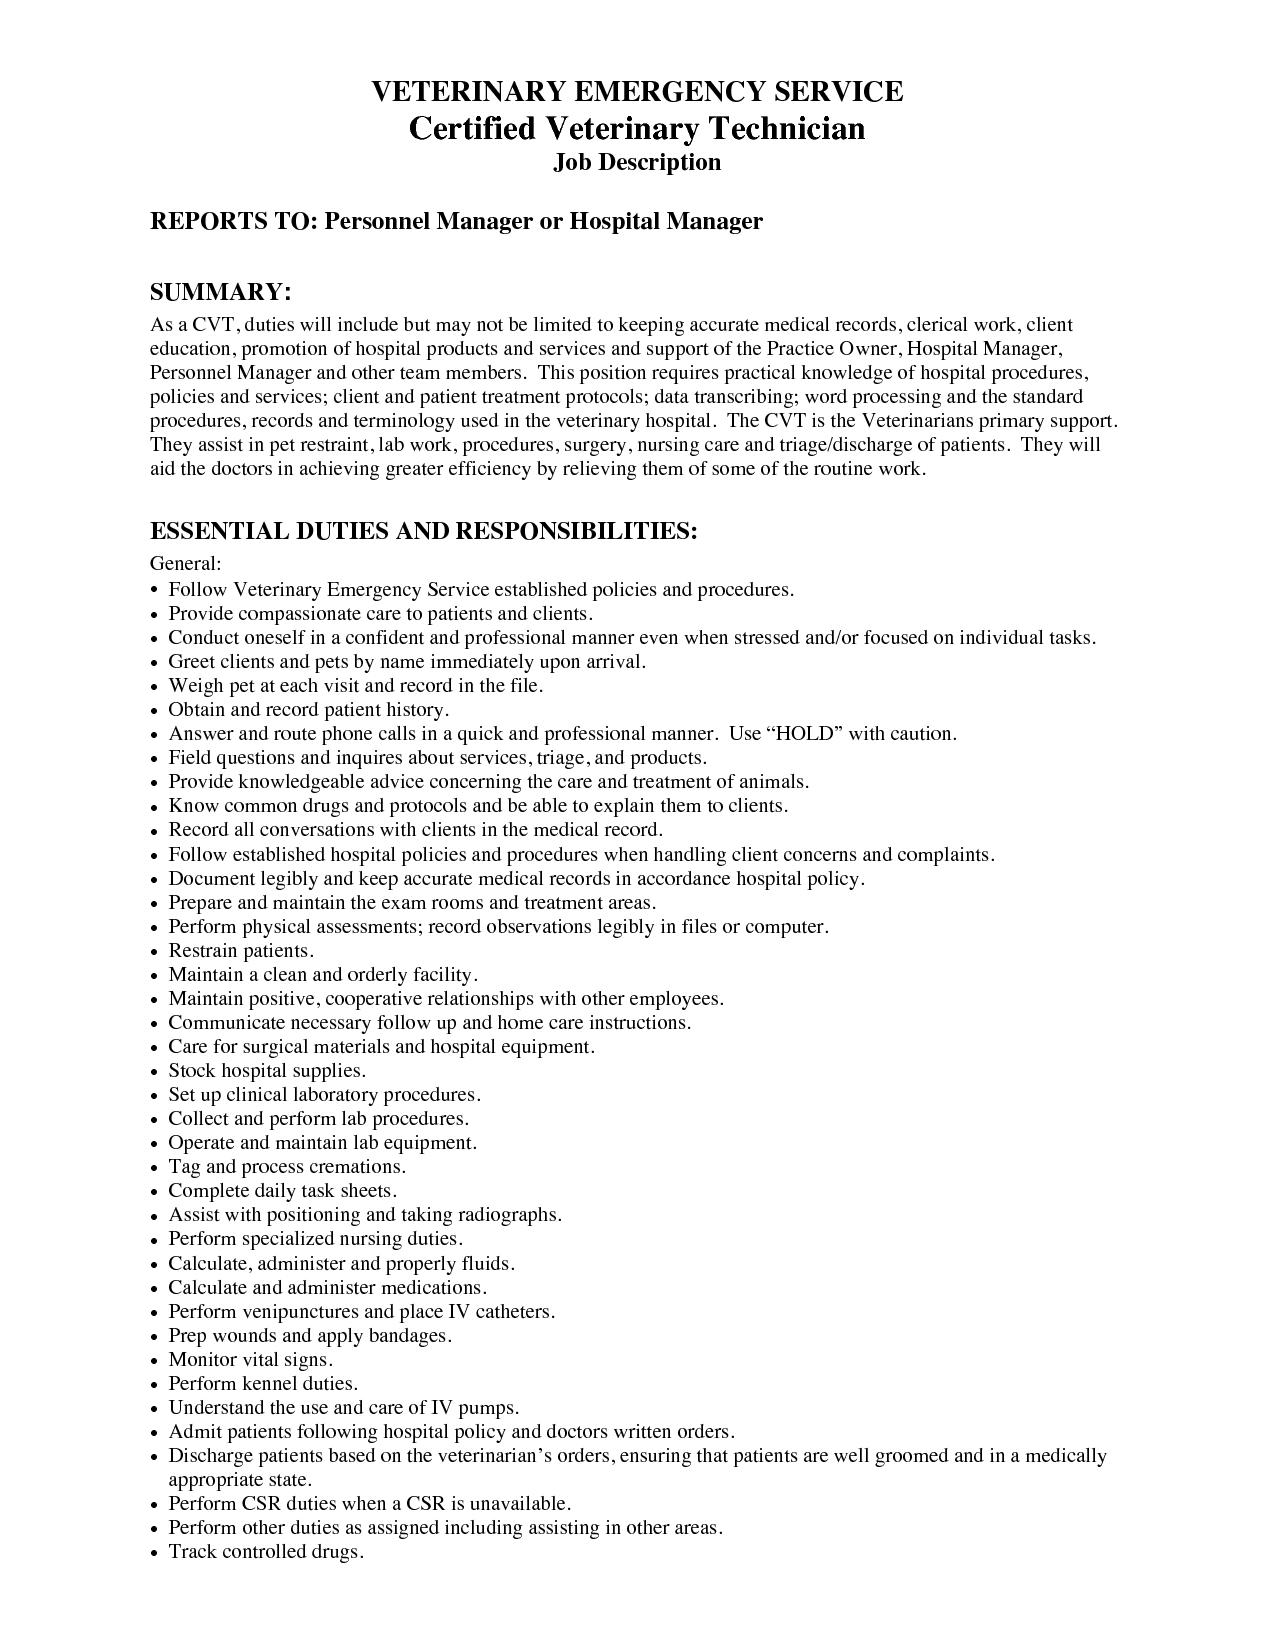 Veterinary Technician Resume Resume Skills Vet Tech Job Description Veterinary